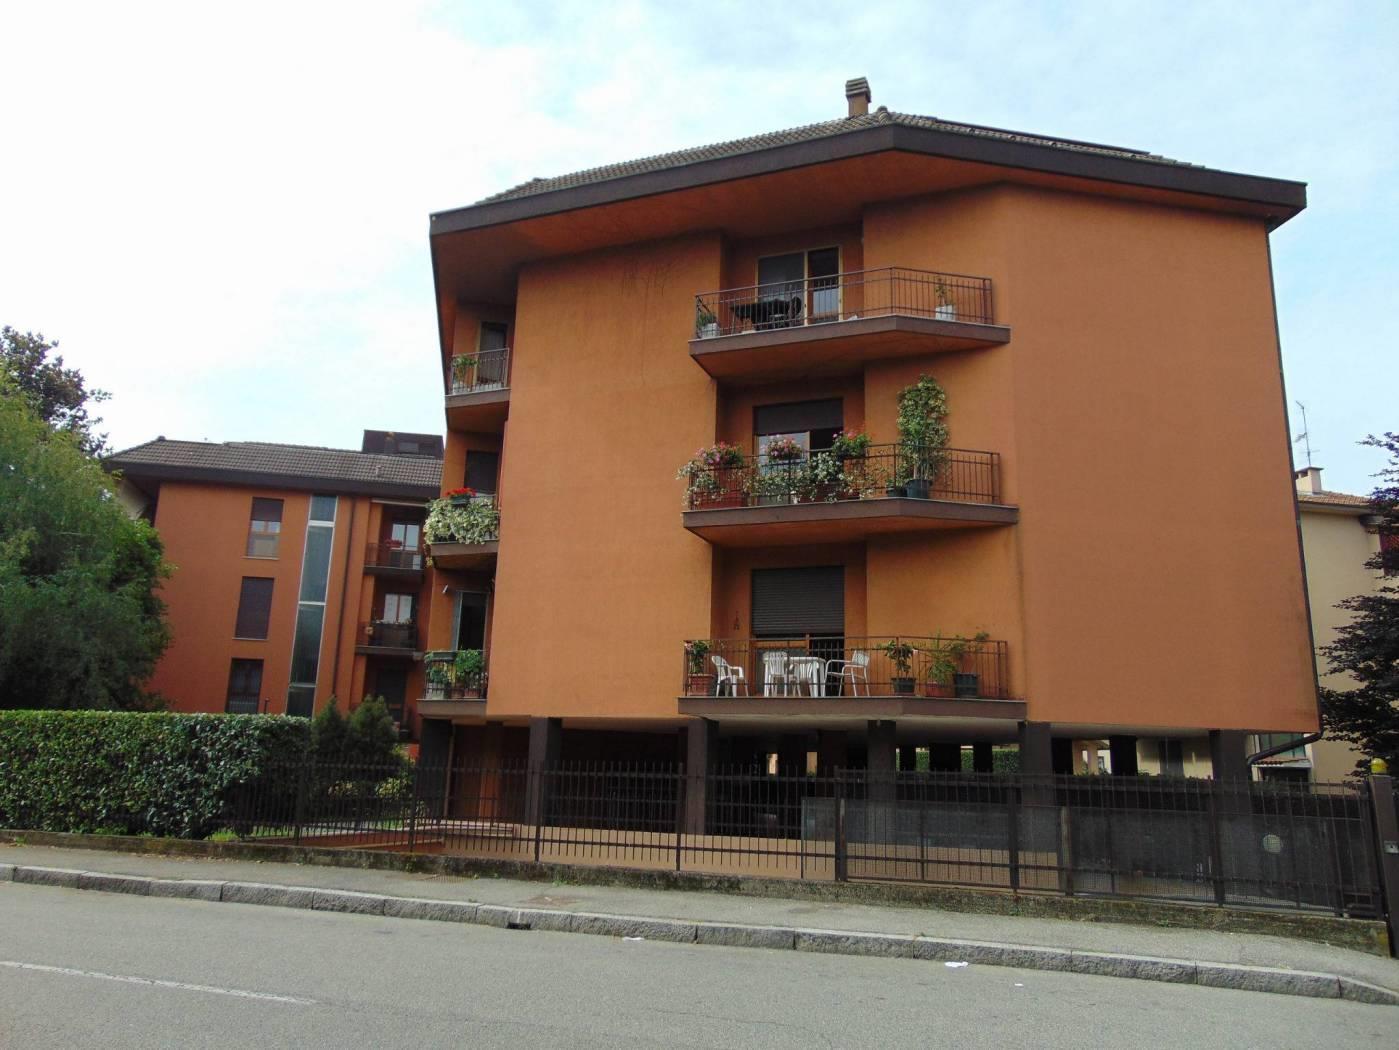 Foto 1 - Appartamento in Vendita - Monza, Zona San Giuseppe